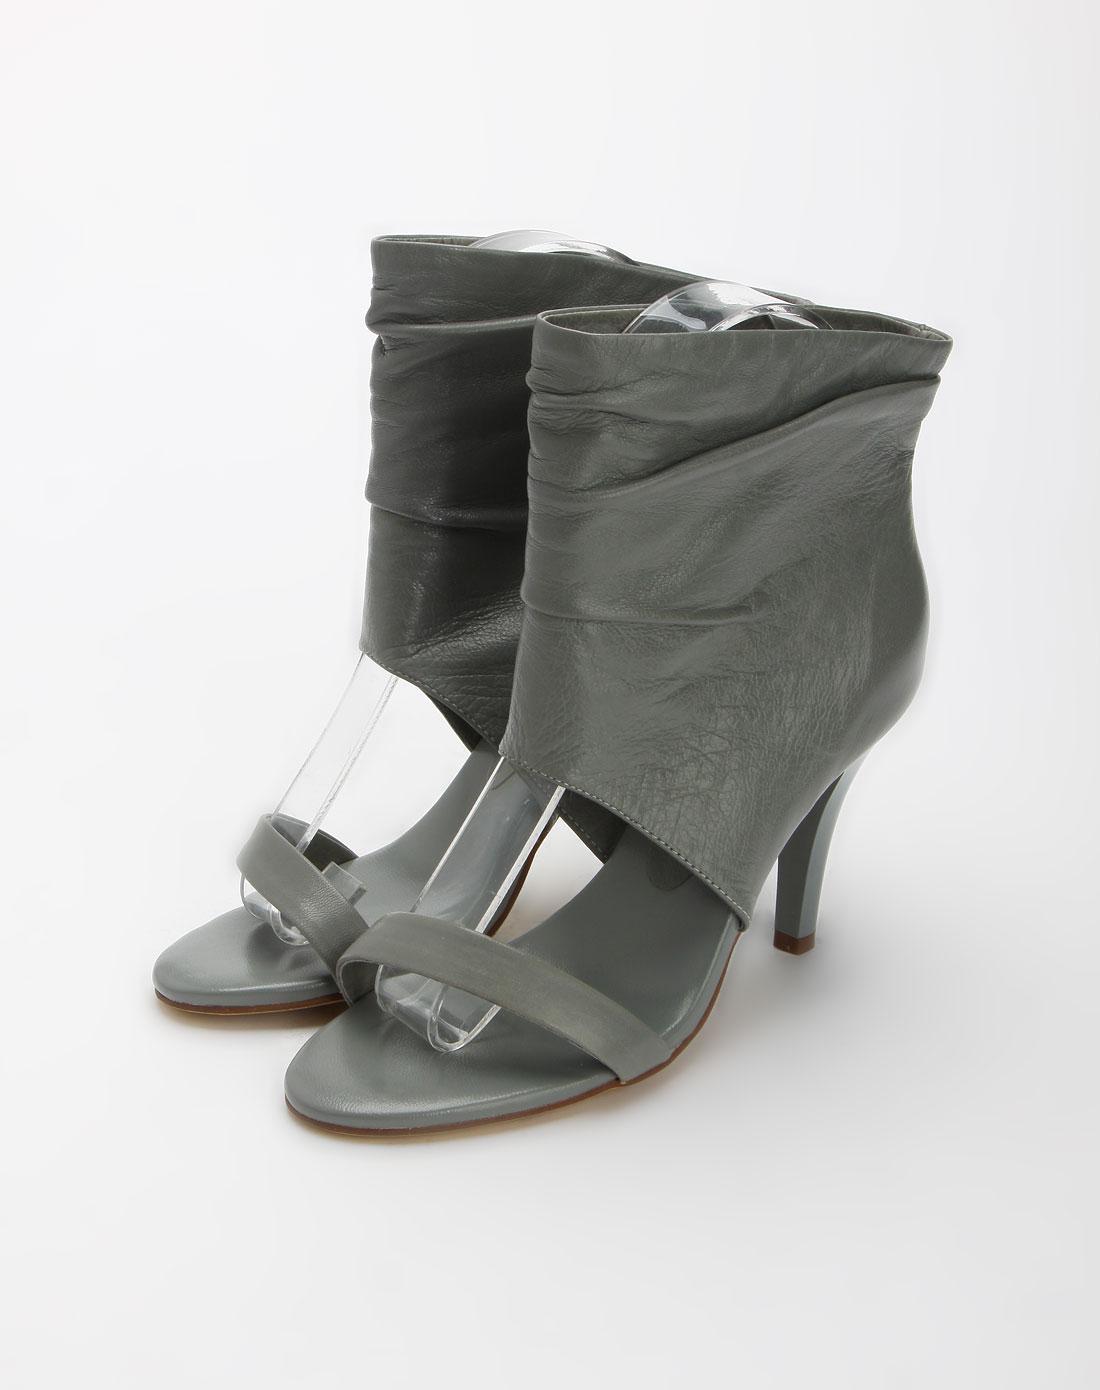 灰色高帮高跟凉鞋_迪欧妮帝盛dione